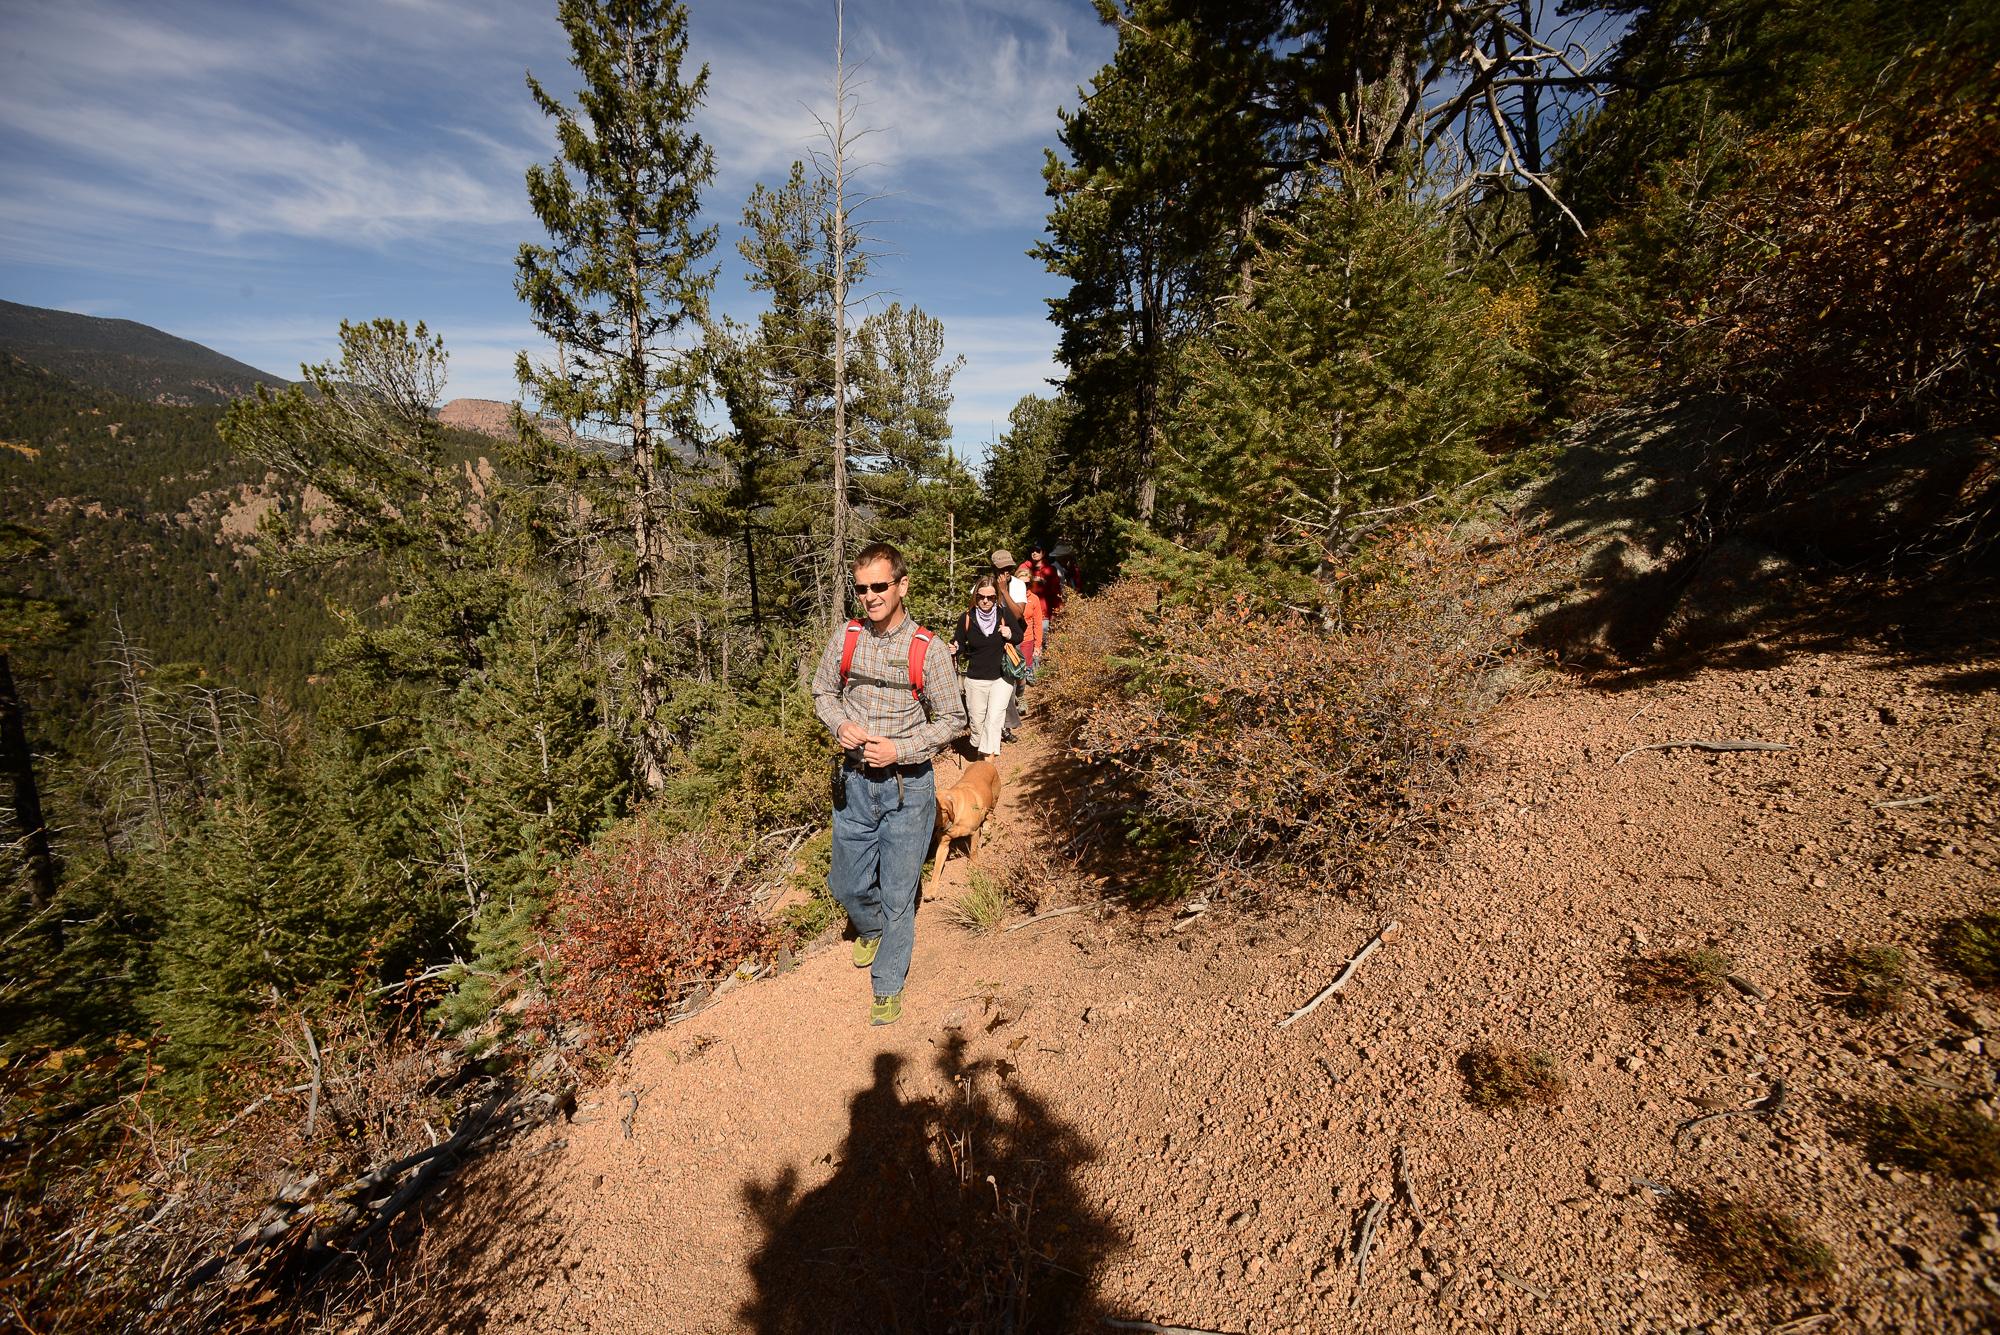 Hiking in Emerald Valley, Colorado